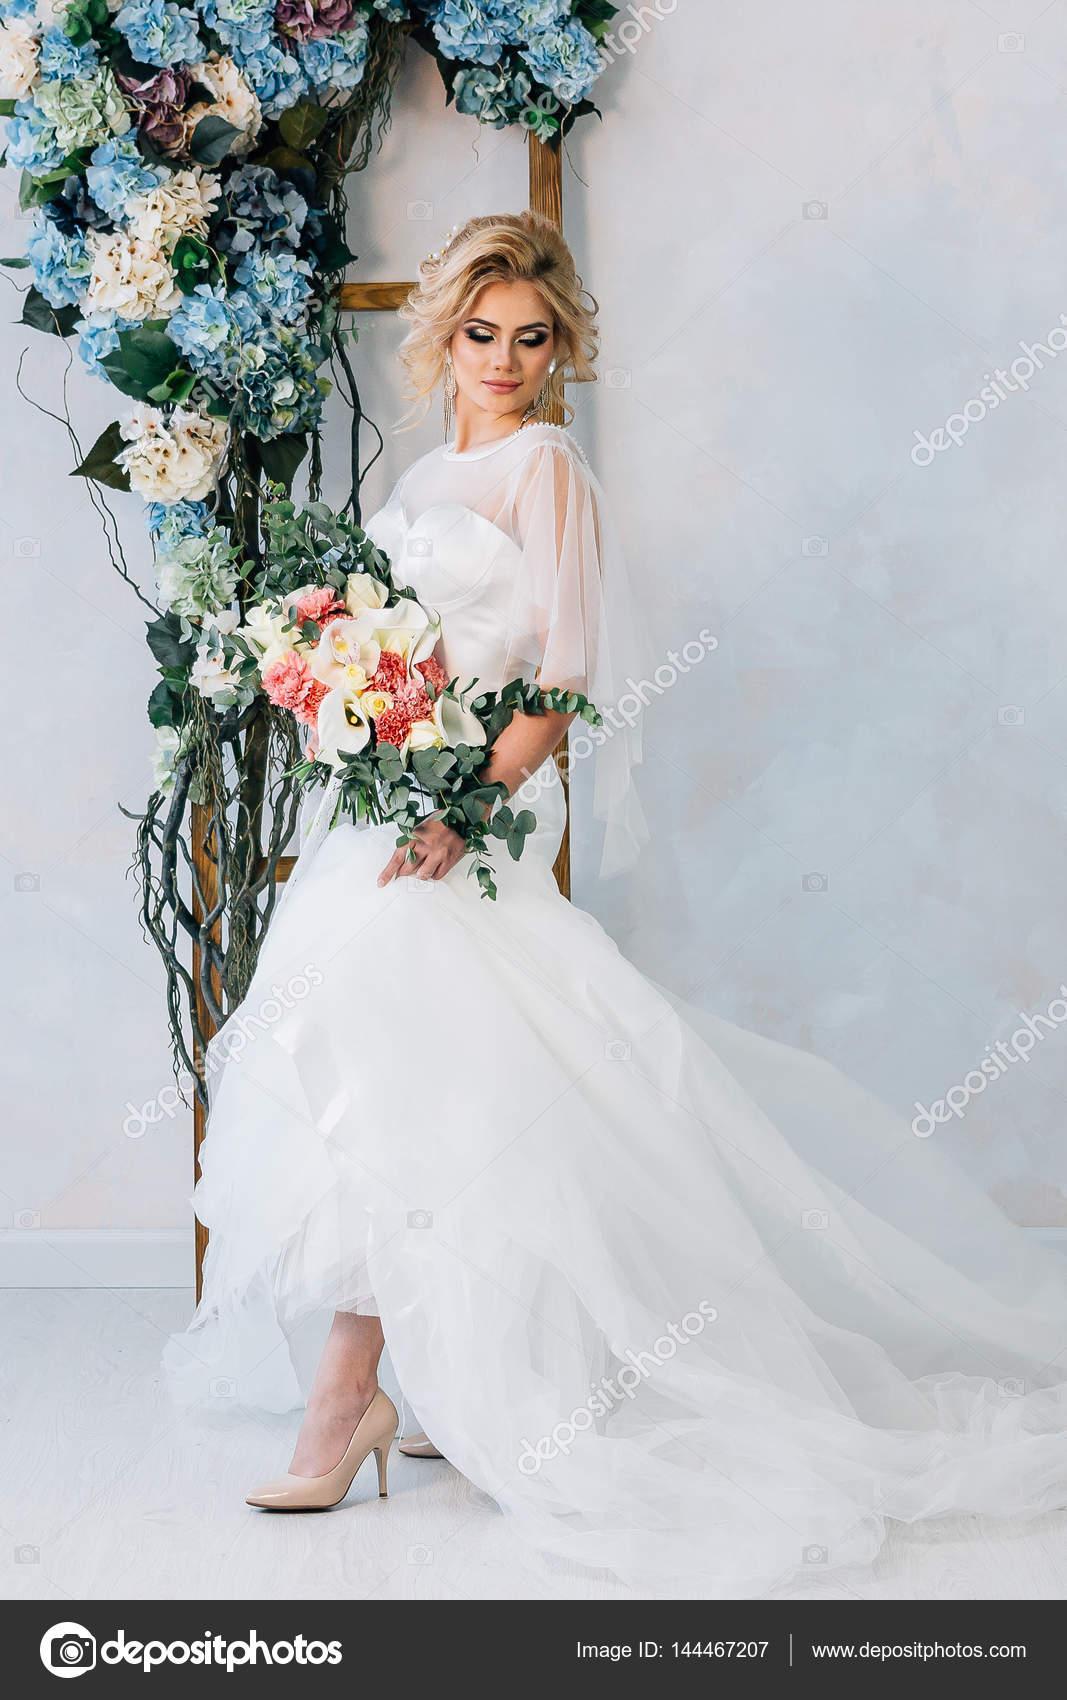 Braut im Hochzeitskleid mit Blumenstrauß und Schuhe in den Händen ...